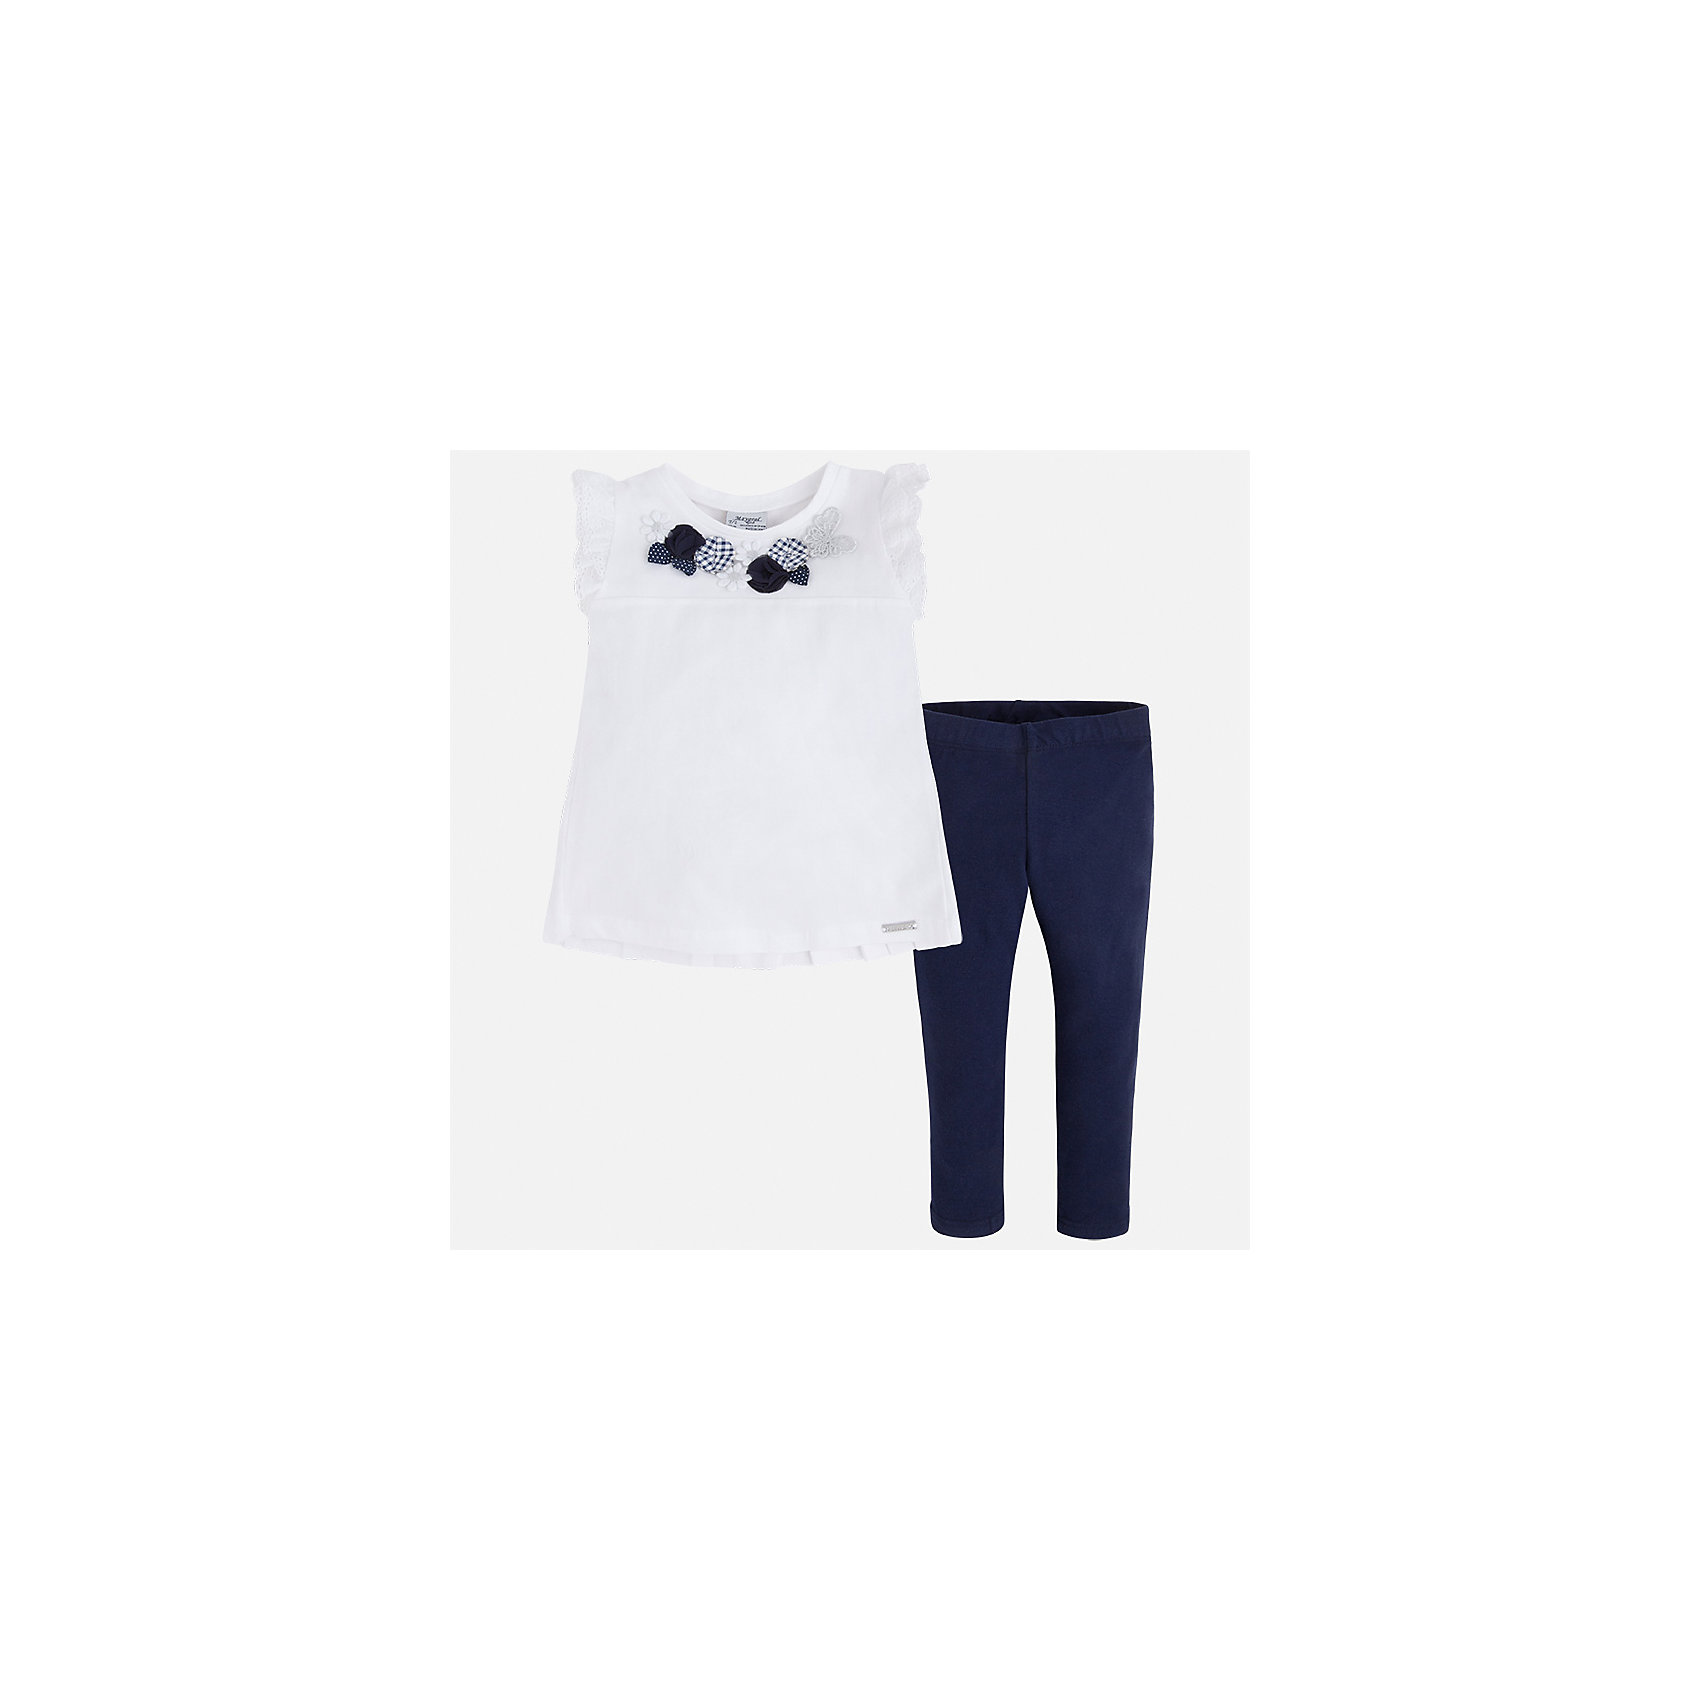 Комплект: футболка и леггинсы для девочки MayoralКомплекты<br>Характеристики товара:<br><br>• цвет: белый/синий<br>• состав: 95% хлопок, 5% эластан<br>• комплектация: футболка, леггинсы<br>• футболка декорирована принтом и оборками<br>• леггинсы однотонные<br>• пояс на резинке<br>• страна бренда: Испания<br><br>Красивый качественный комплект для девочки поможет разнообразить гардероб ребенка и удобно одеться в теплую погоду. Он отлично сочетается с другими предметами. Универсальный цвет позволяет подобрать к вещам верхнюю одежду практически любой расцветки. Интересная отделка модели делает её нарядной и оригинальной. В составе материала - натуральный хлопок, гипоаллергенный, приятный на ощупь, дышащий.<br><br>Одежда, обувь и аксессуары от испанского бренда Mayoral полюбились детям и взрослым по всему миру. Модели этой марки - стильные и удобные. Для их производства используются только безопасные, качественные материалы и фурнитура. Порадуйте ребенка модными и красивыми вещами от Mayoral! <br><br>Комплект для девочки от испанского бренда Mayoral (Майорал) можно купить в нашем интернет-магазине.<br><br>Ширина мм: 123<br>Глубина мм: 10<br>Высота мм: 149<br>Вес г: 209<br>Цвет: синий<br>Возраст от месяцев: 96<br>Возраст до месяцев: 108<br>Пол: Женский<br>Возраст: Детский<br>Размер: 134,92,98,104,110,116,122,128<br>SKU: 5290550